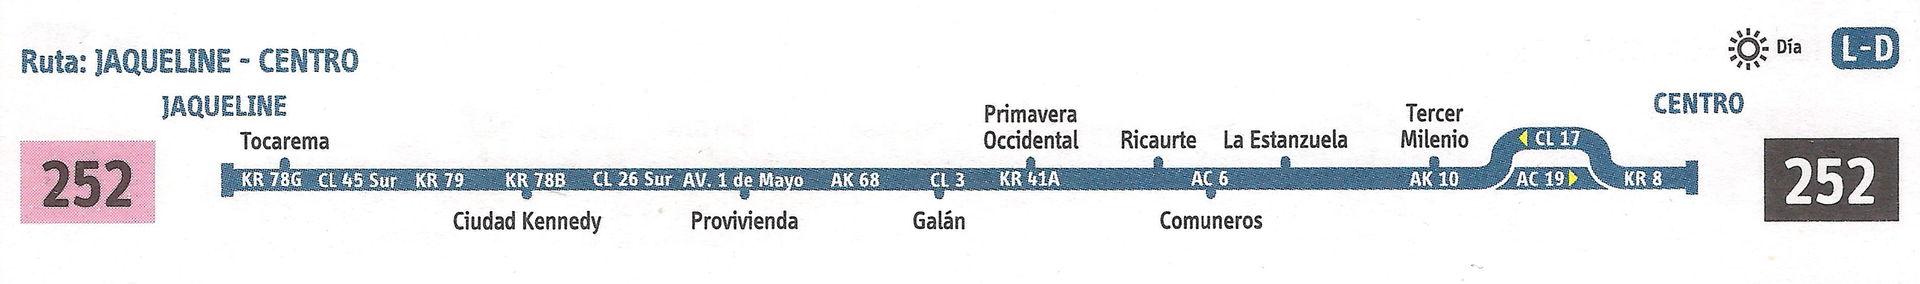 Ruta SITP: 252 Jaqueline ↔ Paloquemao [Urbana] 7